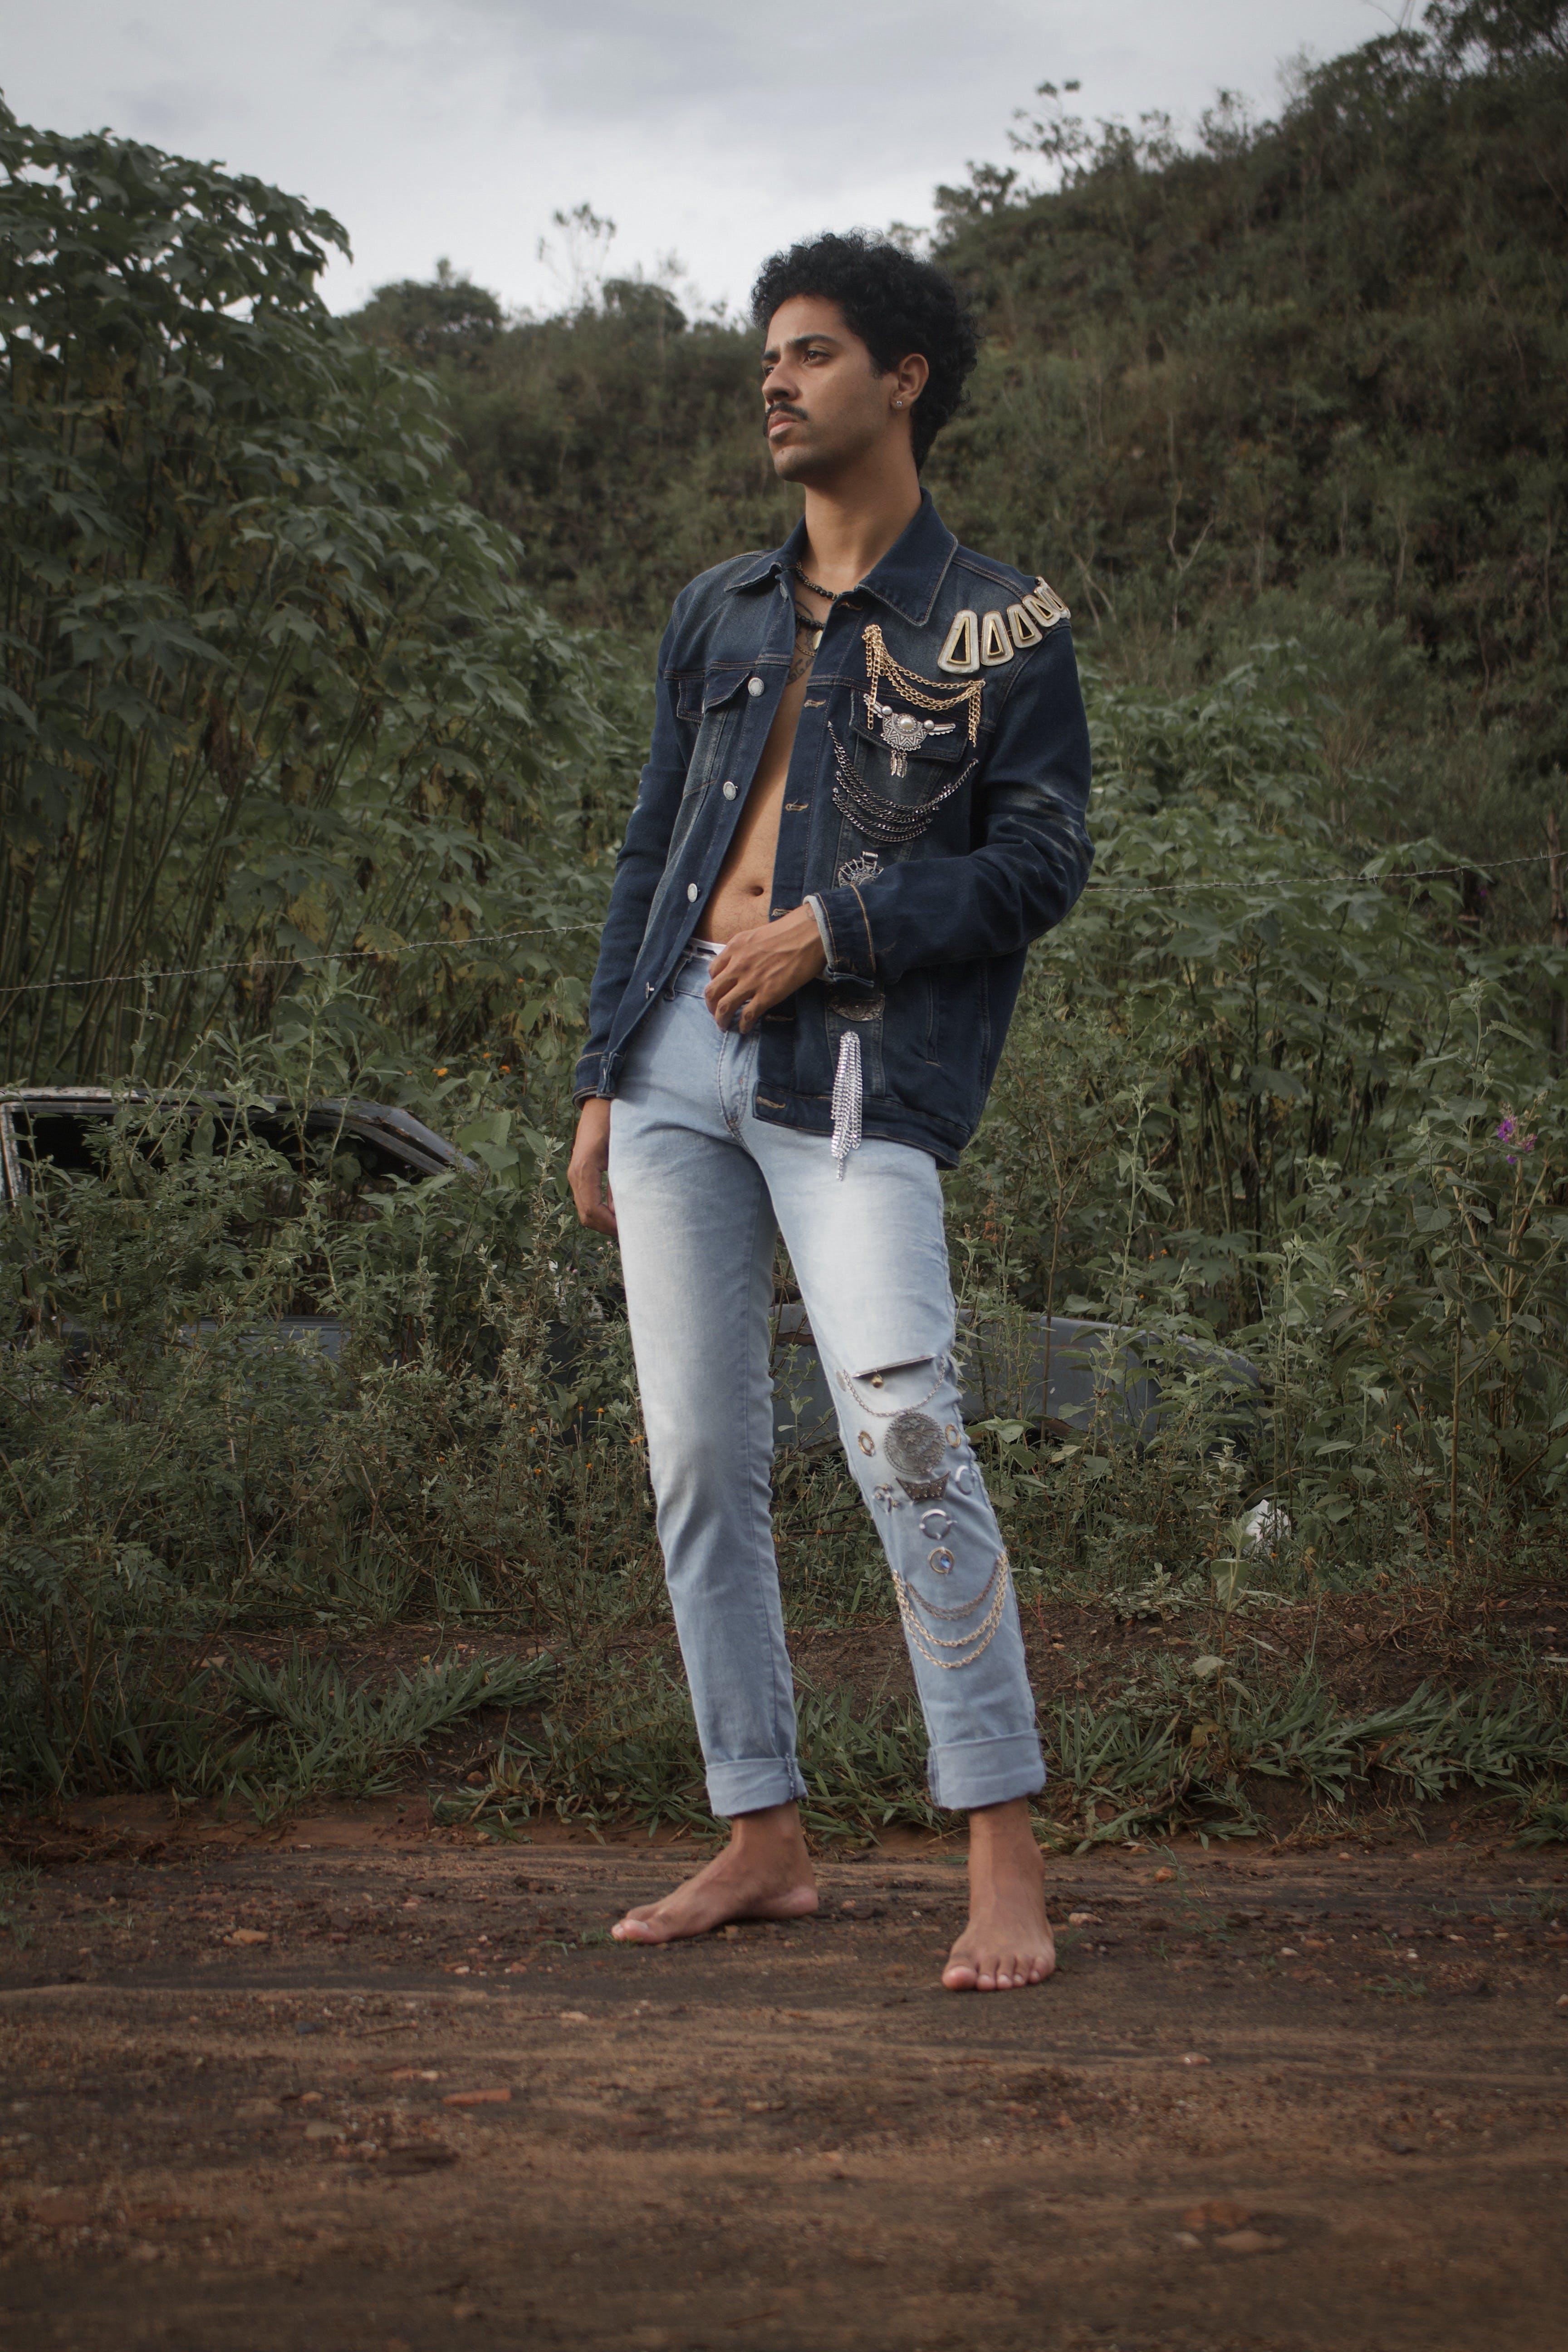 Kostnadsfri bild av denim byxor, ha på sig, jeansjacka, man